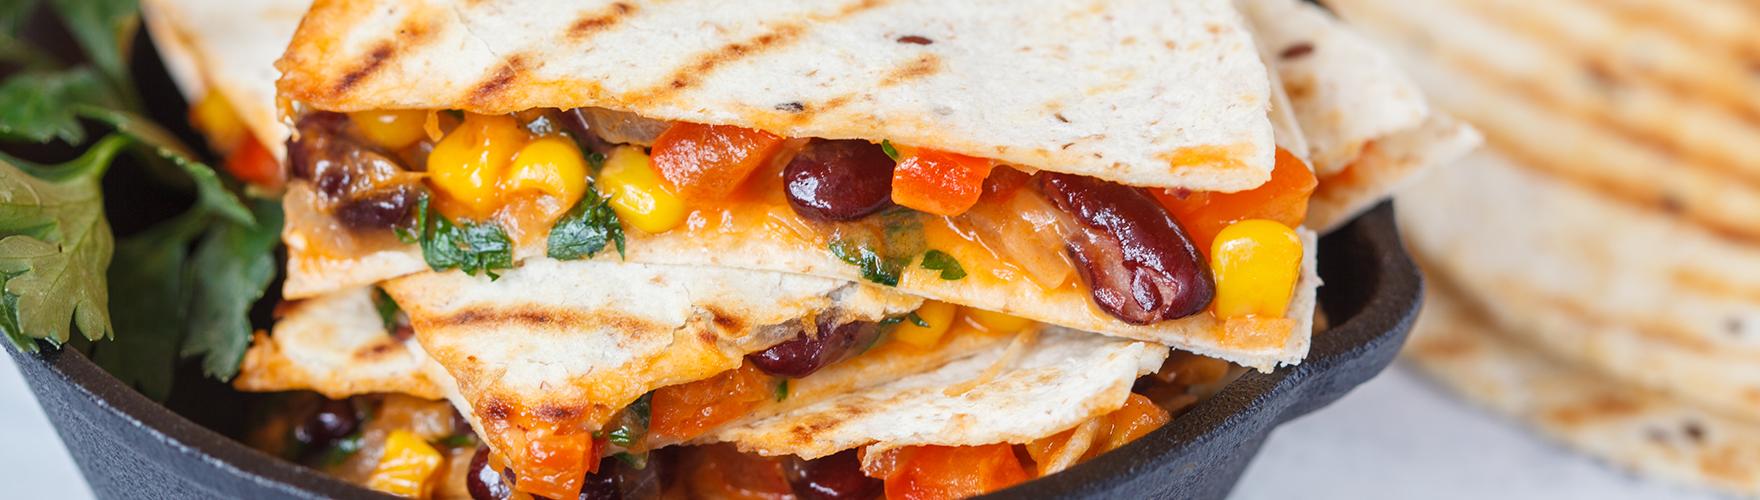 Fajitas con alubias, maíz, tomate y queso